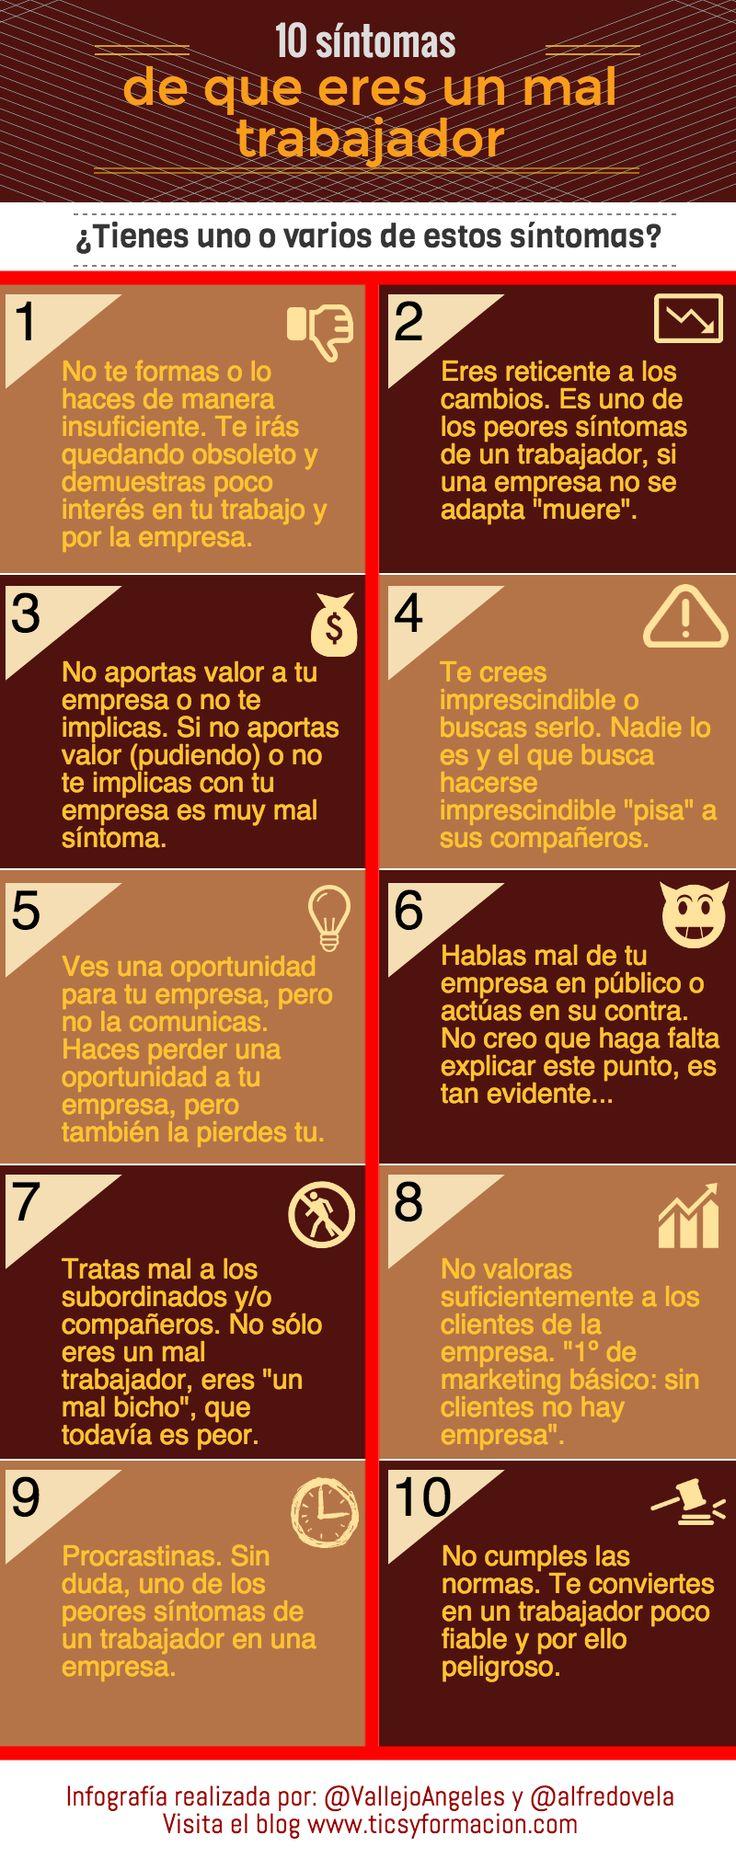 10 síntomas de que eres un mal trabajador. #infografia. Si quieres saber mucho más sobre marketing sostenible visita www.solerplanet.com